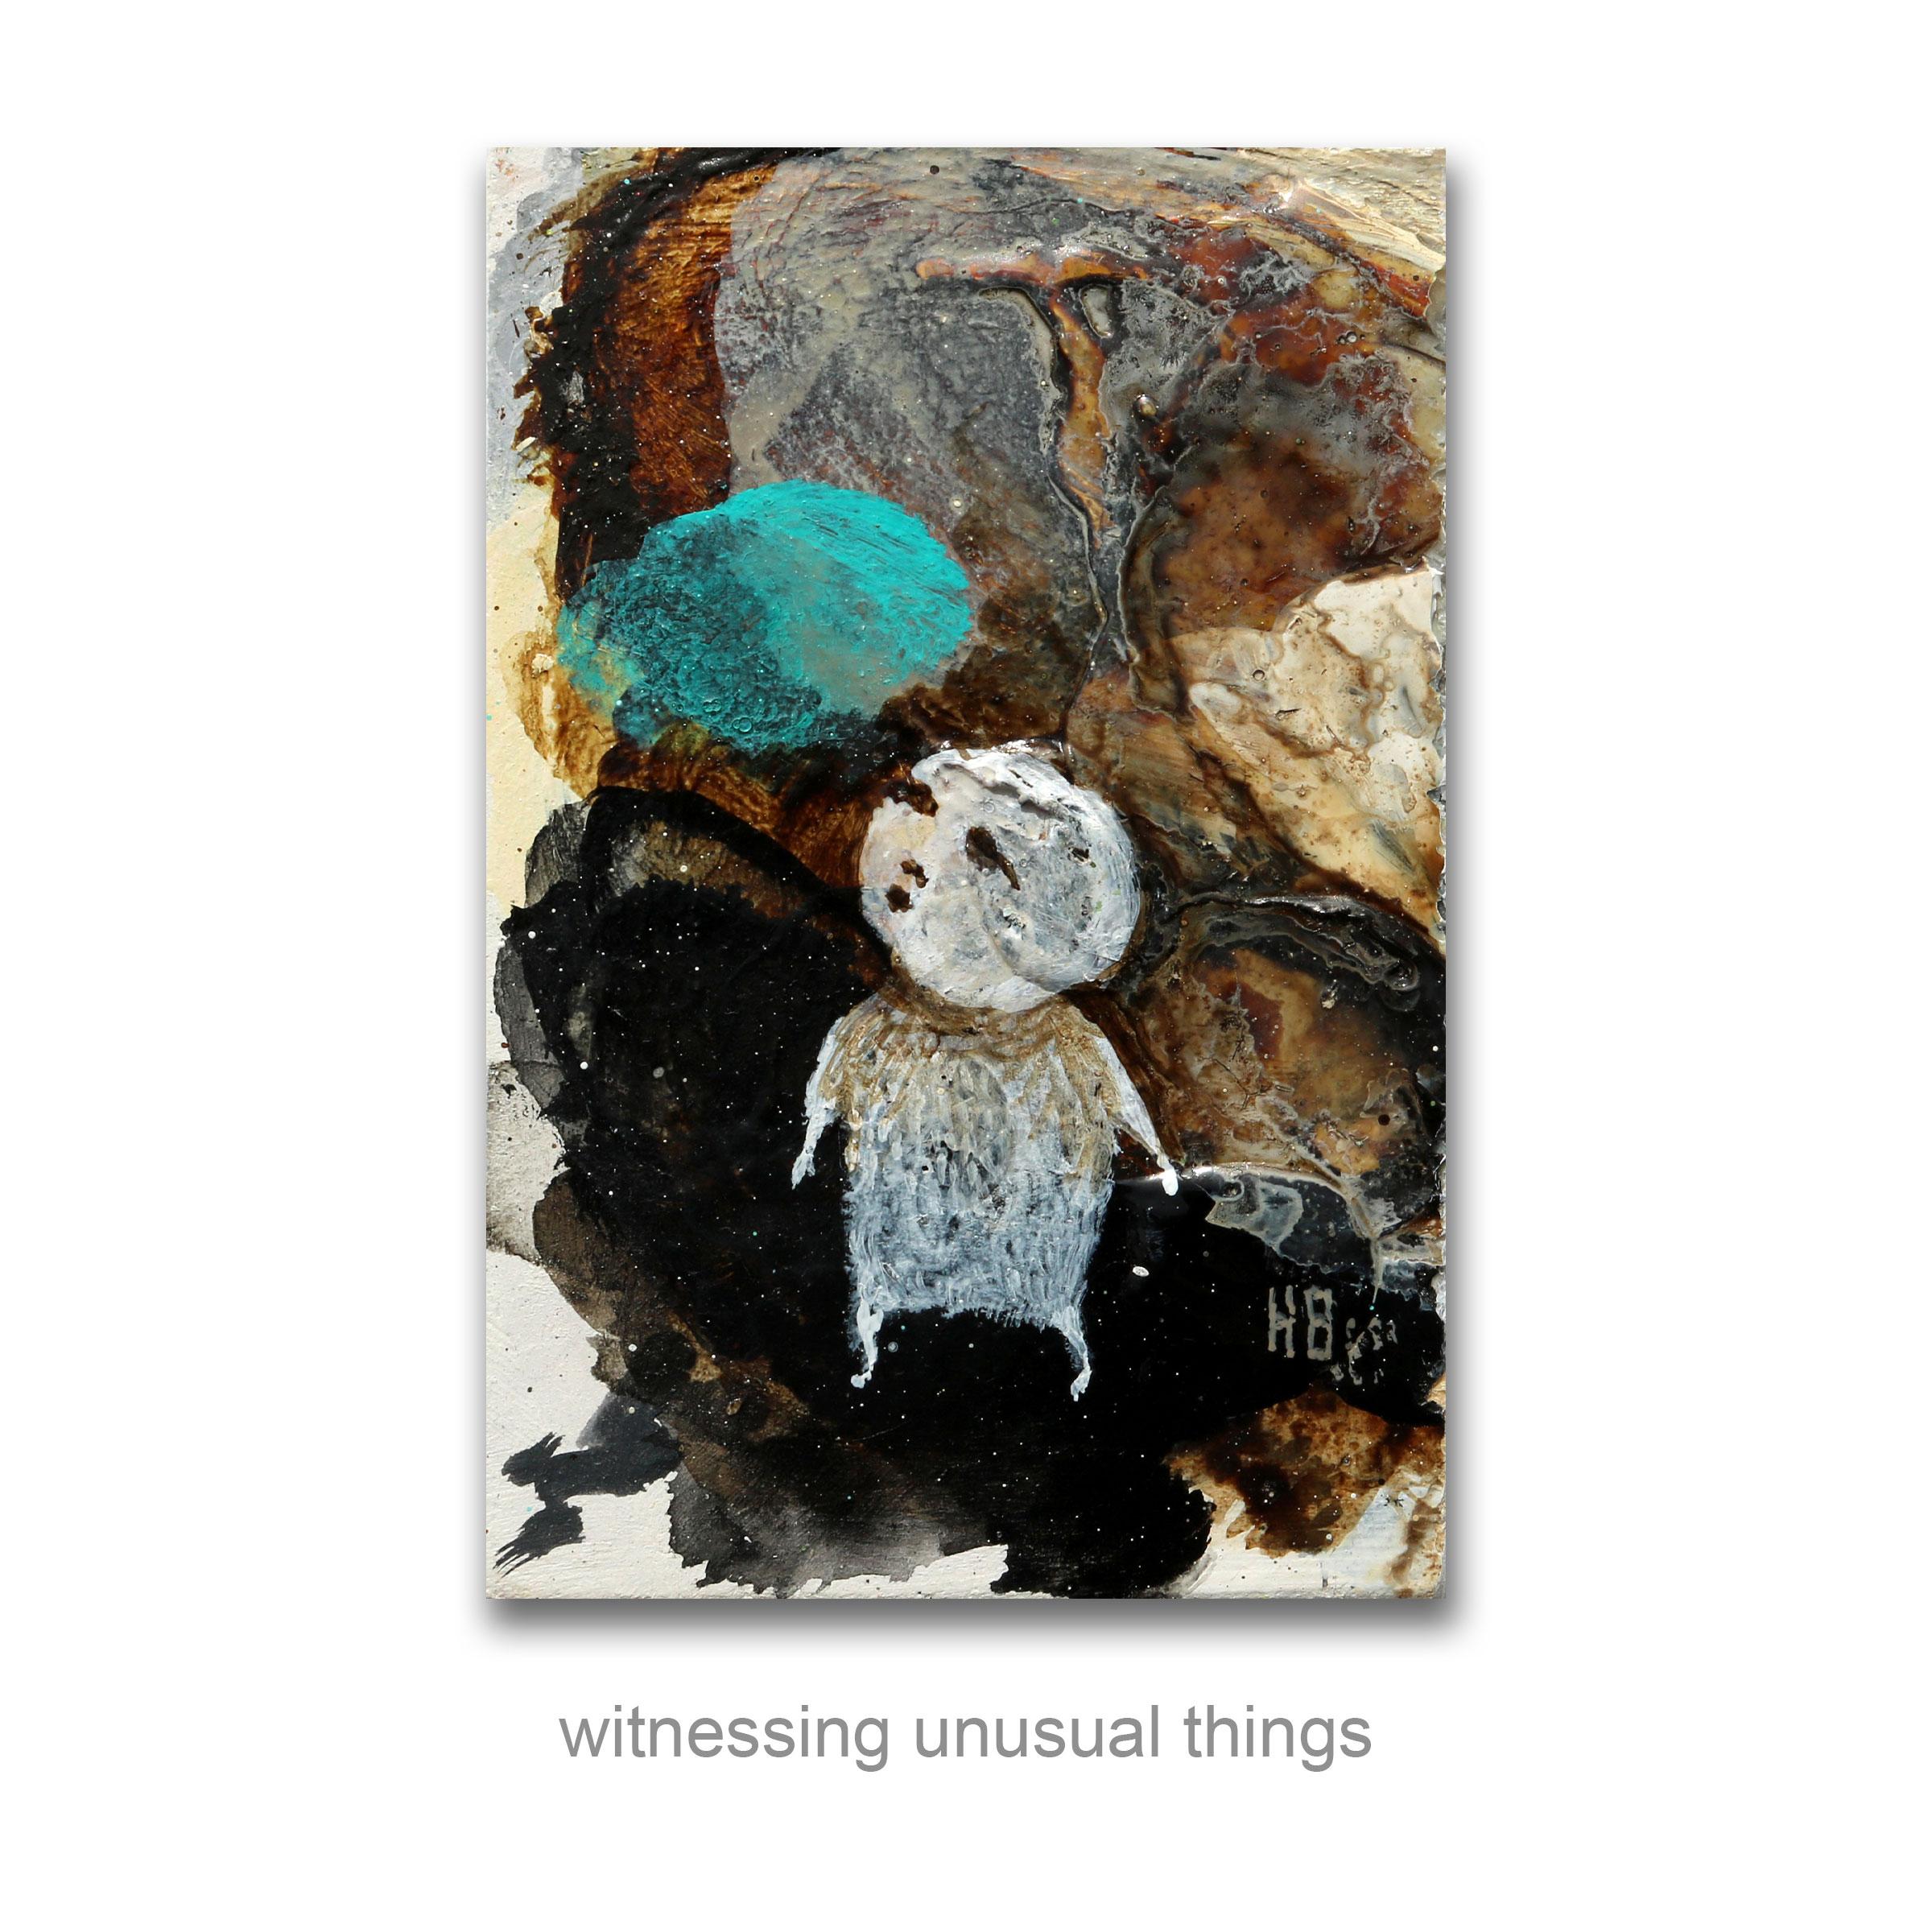 witnessing-unusual-things